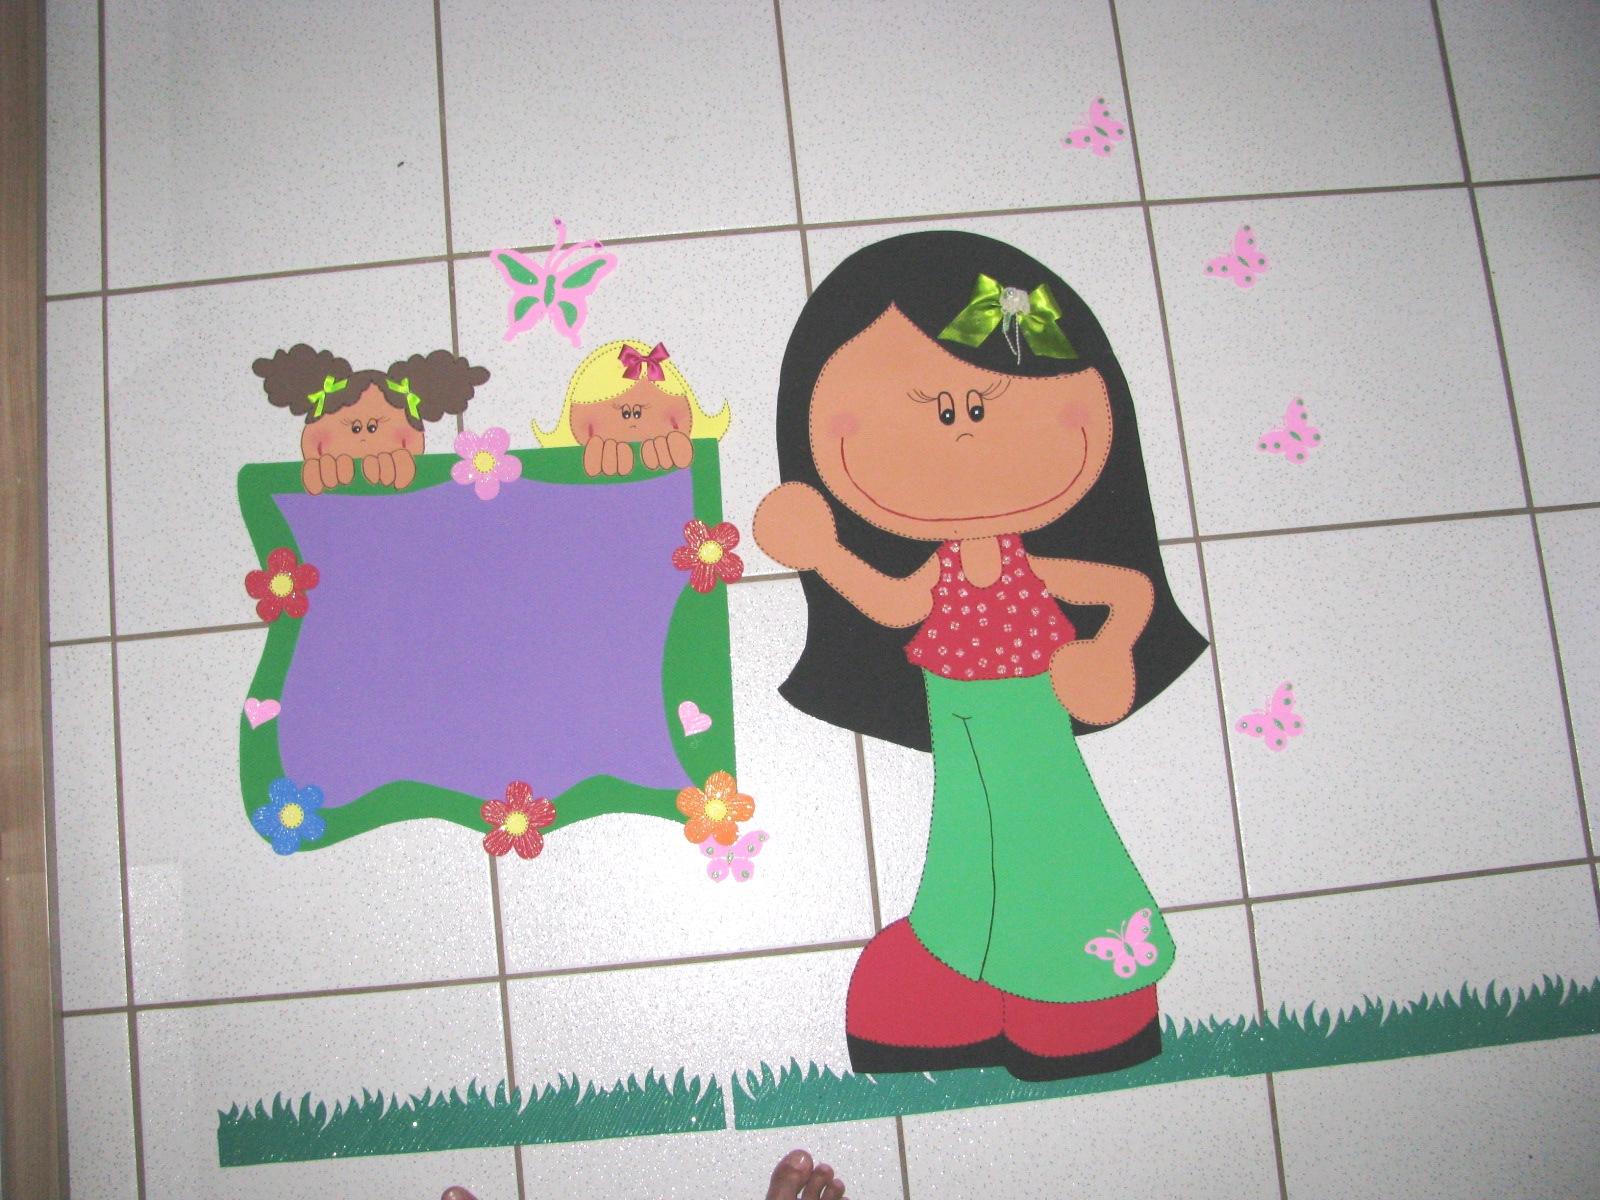 Decorando Quarto De Beb Com Eva ~ Decoração De Quarto Artesanal E Quarto Casal E Bebe Junto